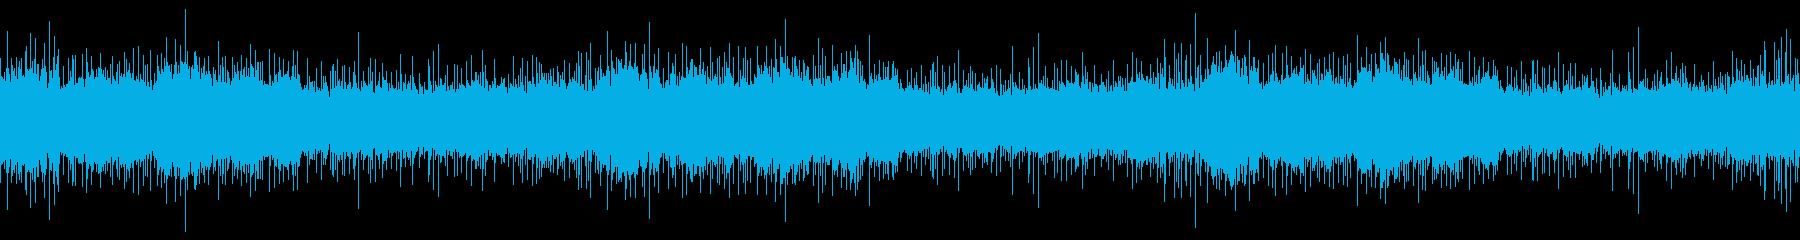 爽やかでキラキラした曲 透明感 明るいの再生済みの波形